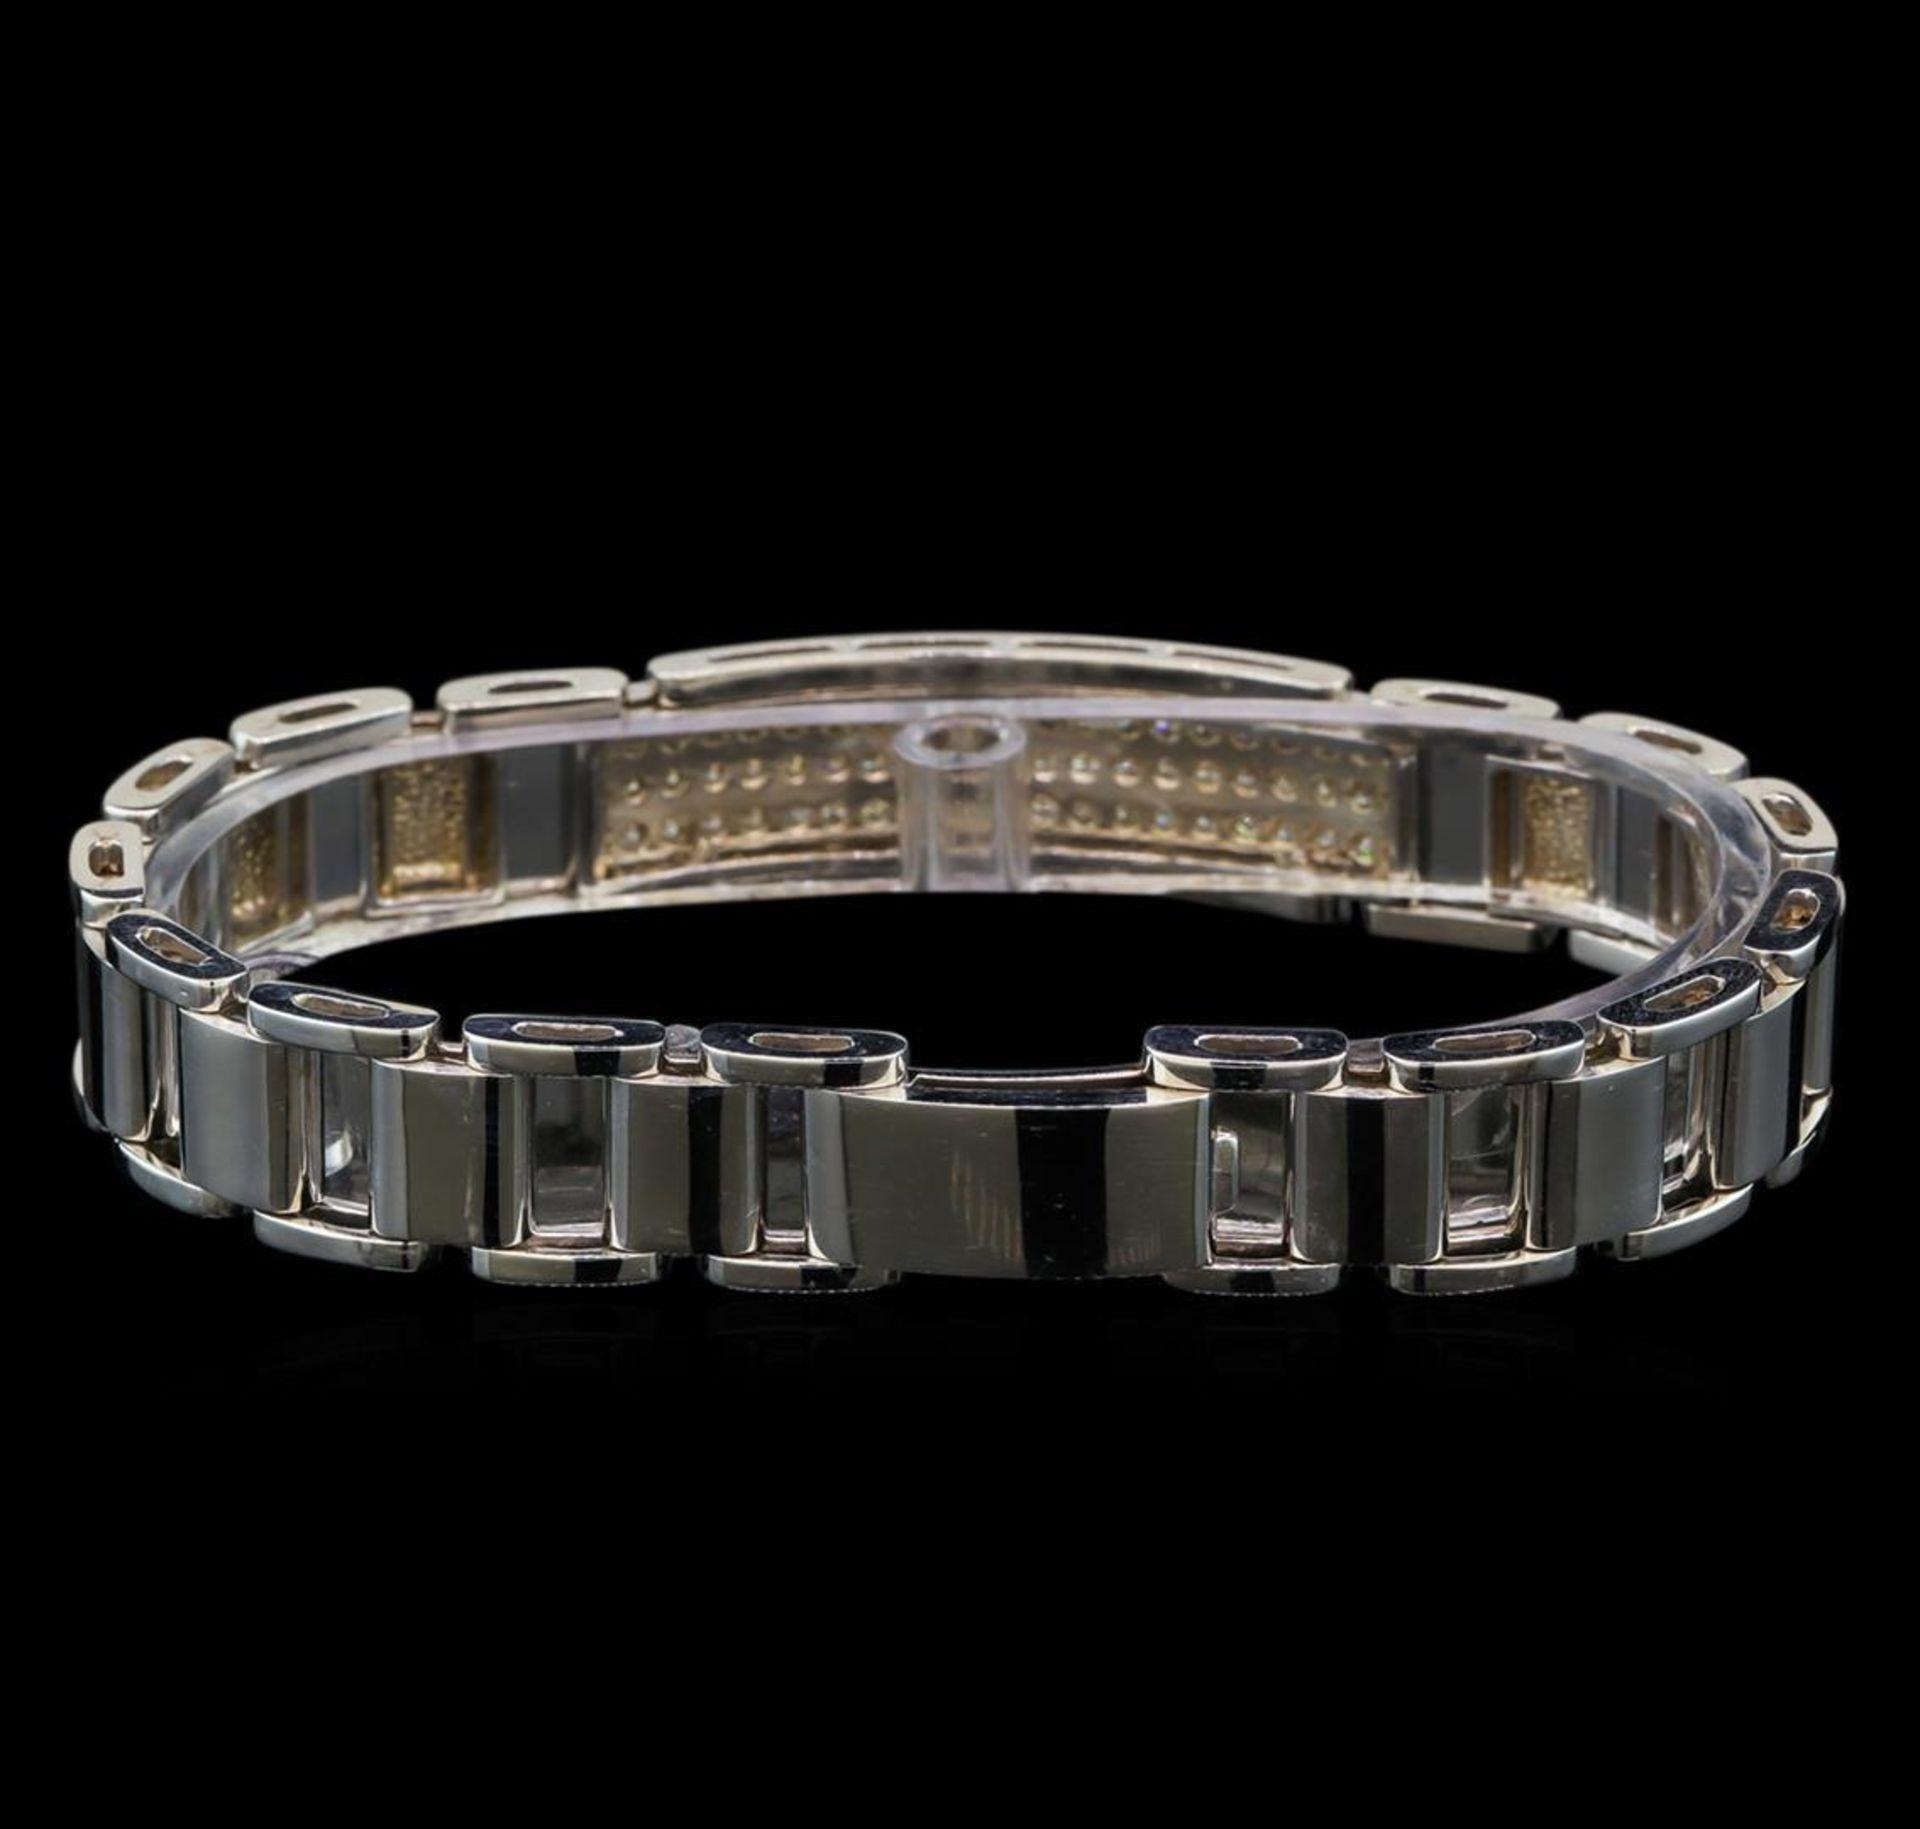 1.44 ctw Diamond Bracelet - 14KT White Gold - Image 2 of 4